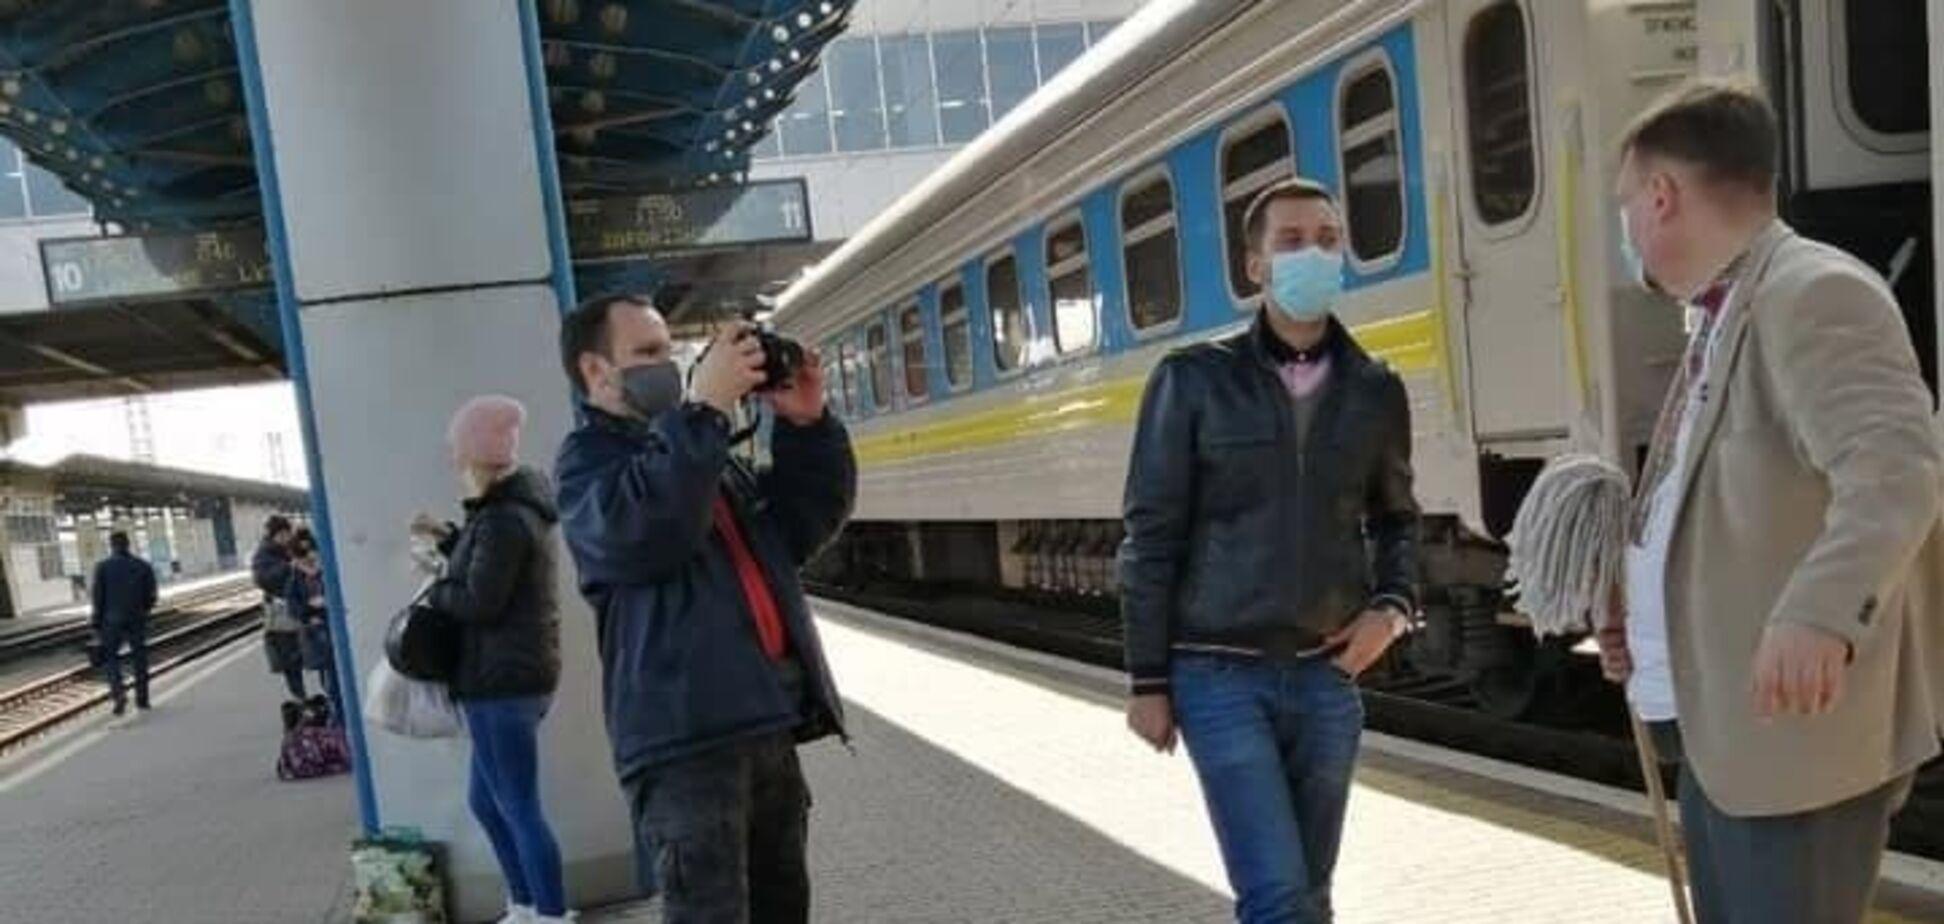 Данець знову захотів помити вікна в поїзді УЗ, але вони виявилися чистими. Фото